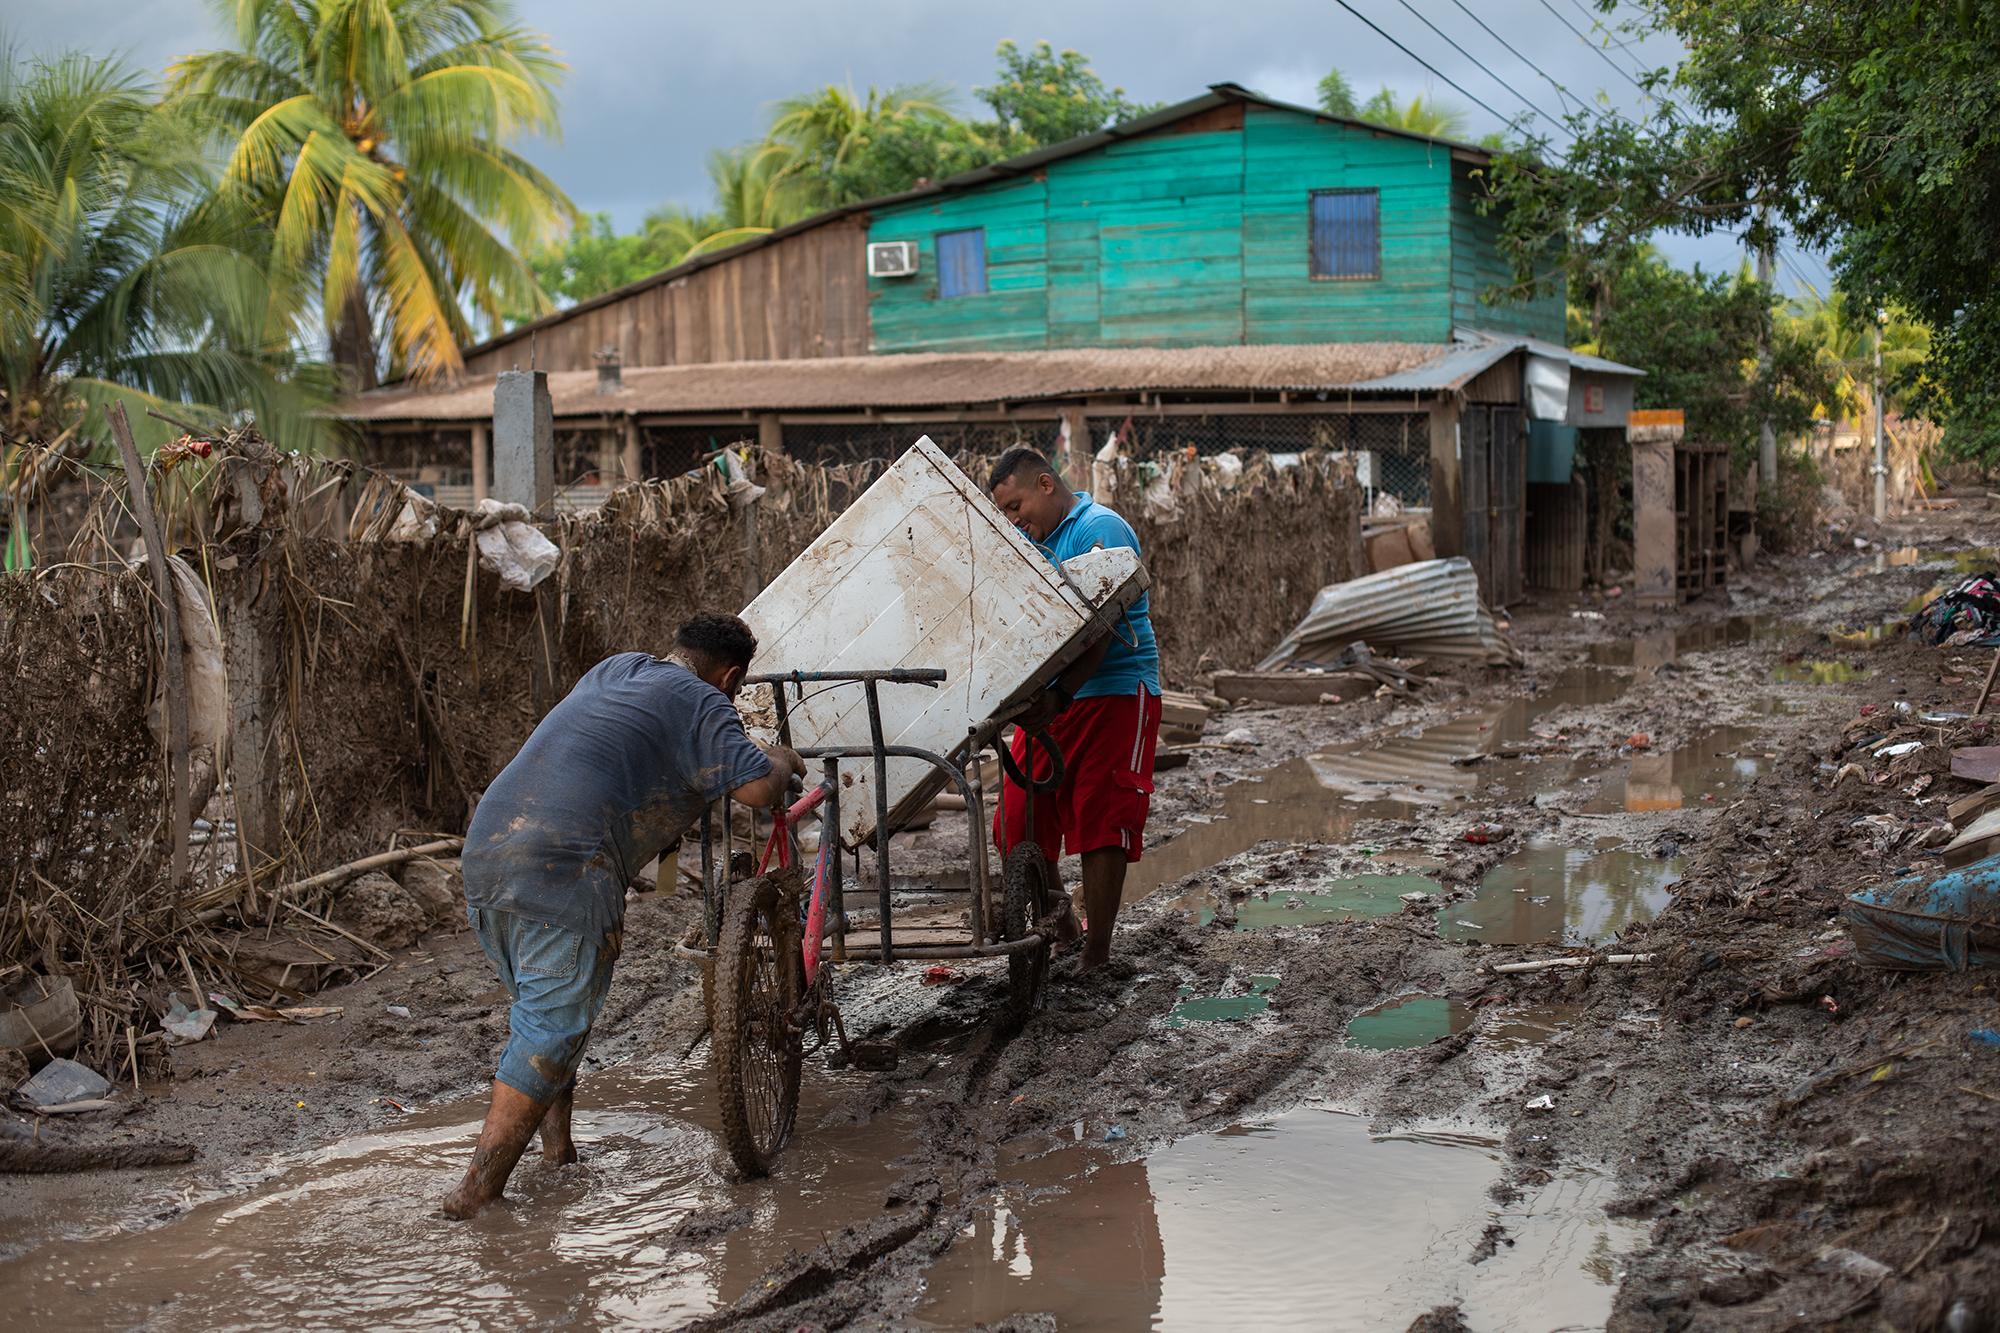 Elman de 30 años y su amigo José Ángel de 24 han recuperado una lavadora luego de que bajara el agua de la inundación, tras el paso de la tormenta tropical Eta. San Manuel, Cortés, 16 de noviembre de 2020. Foto: Martín Cálix.